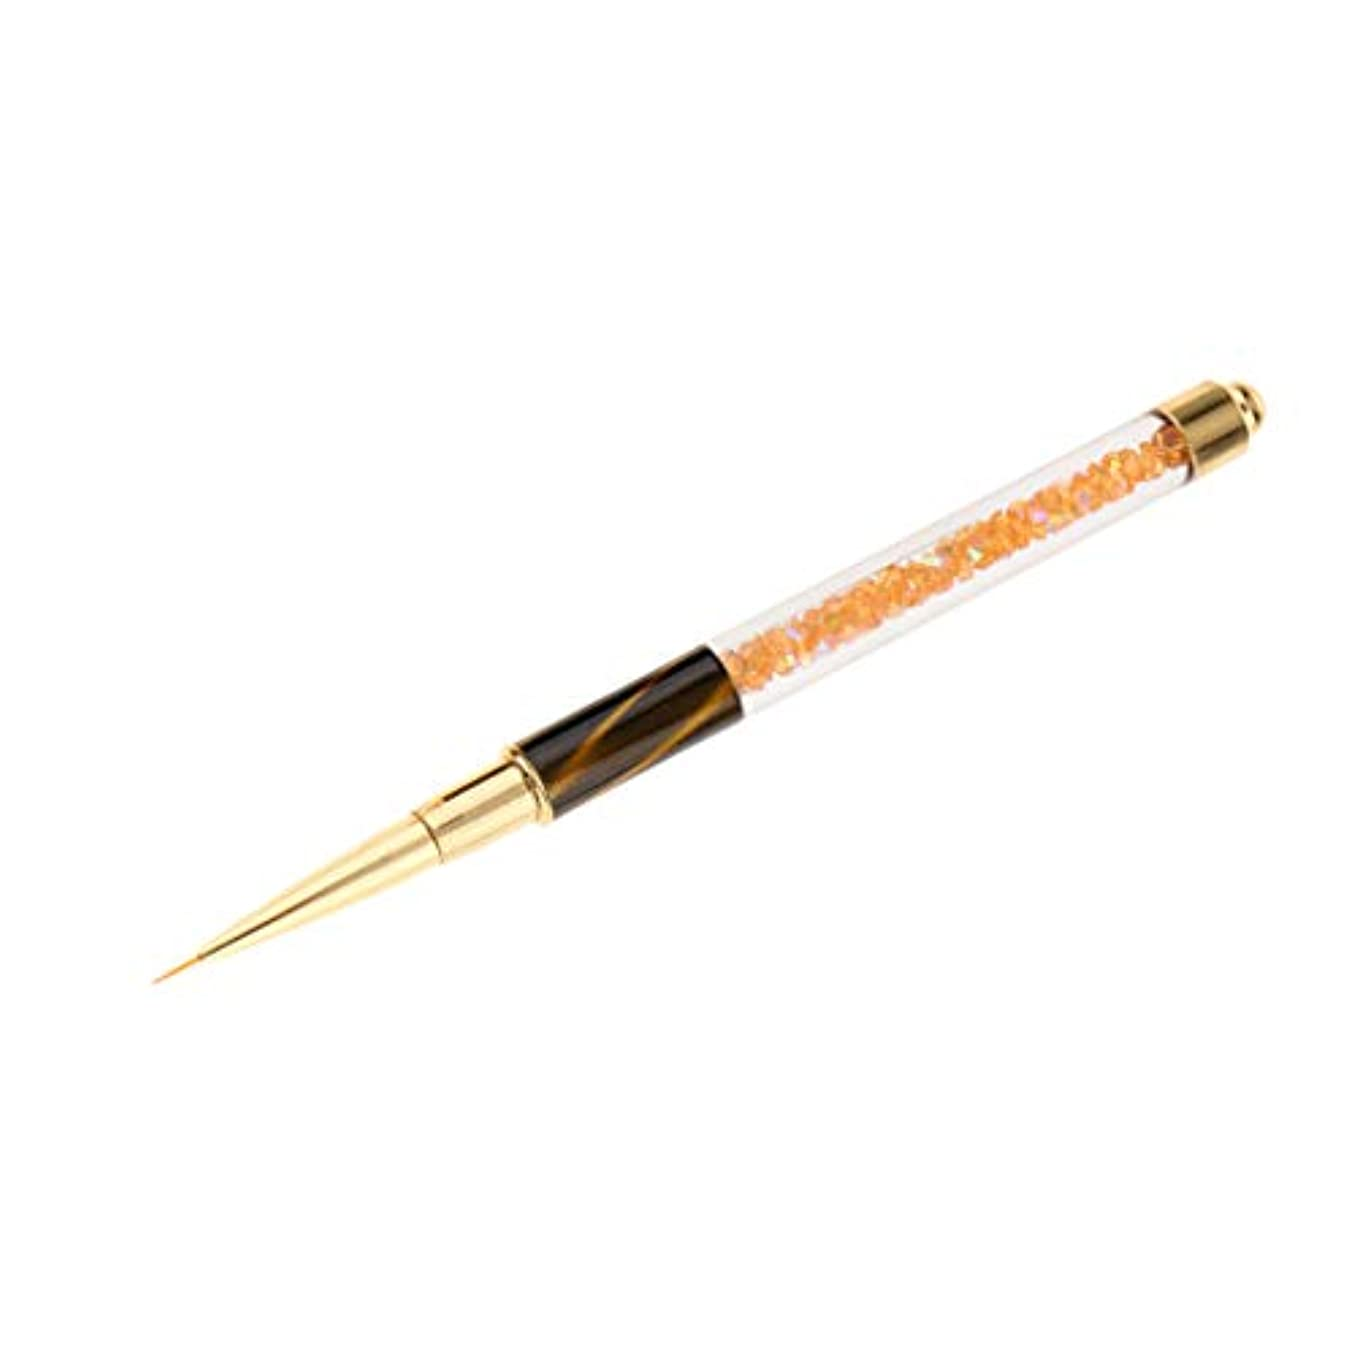 程度考える目指すToygogo 専門の釘の芸術のブラシの紫外線ゲルのポーランド人のデッサンはさみ金の絵画設計ペン - 黄